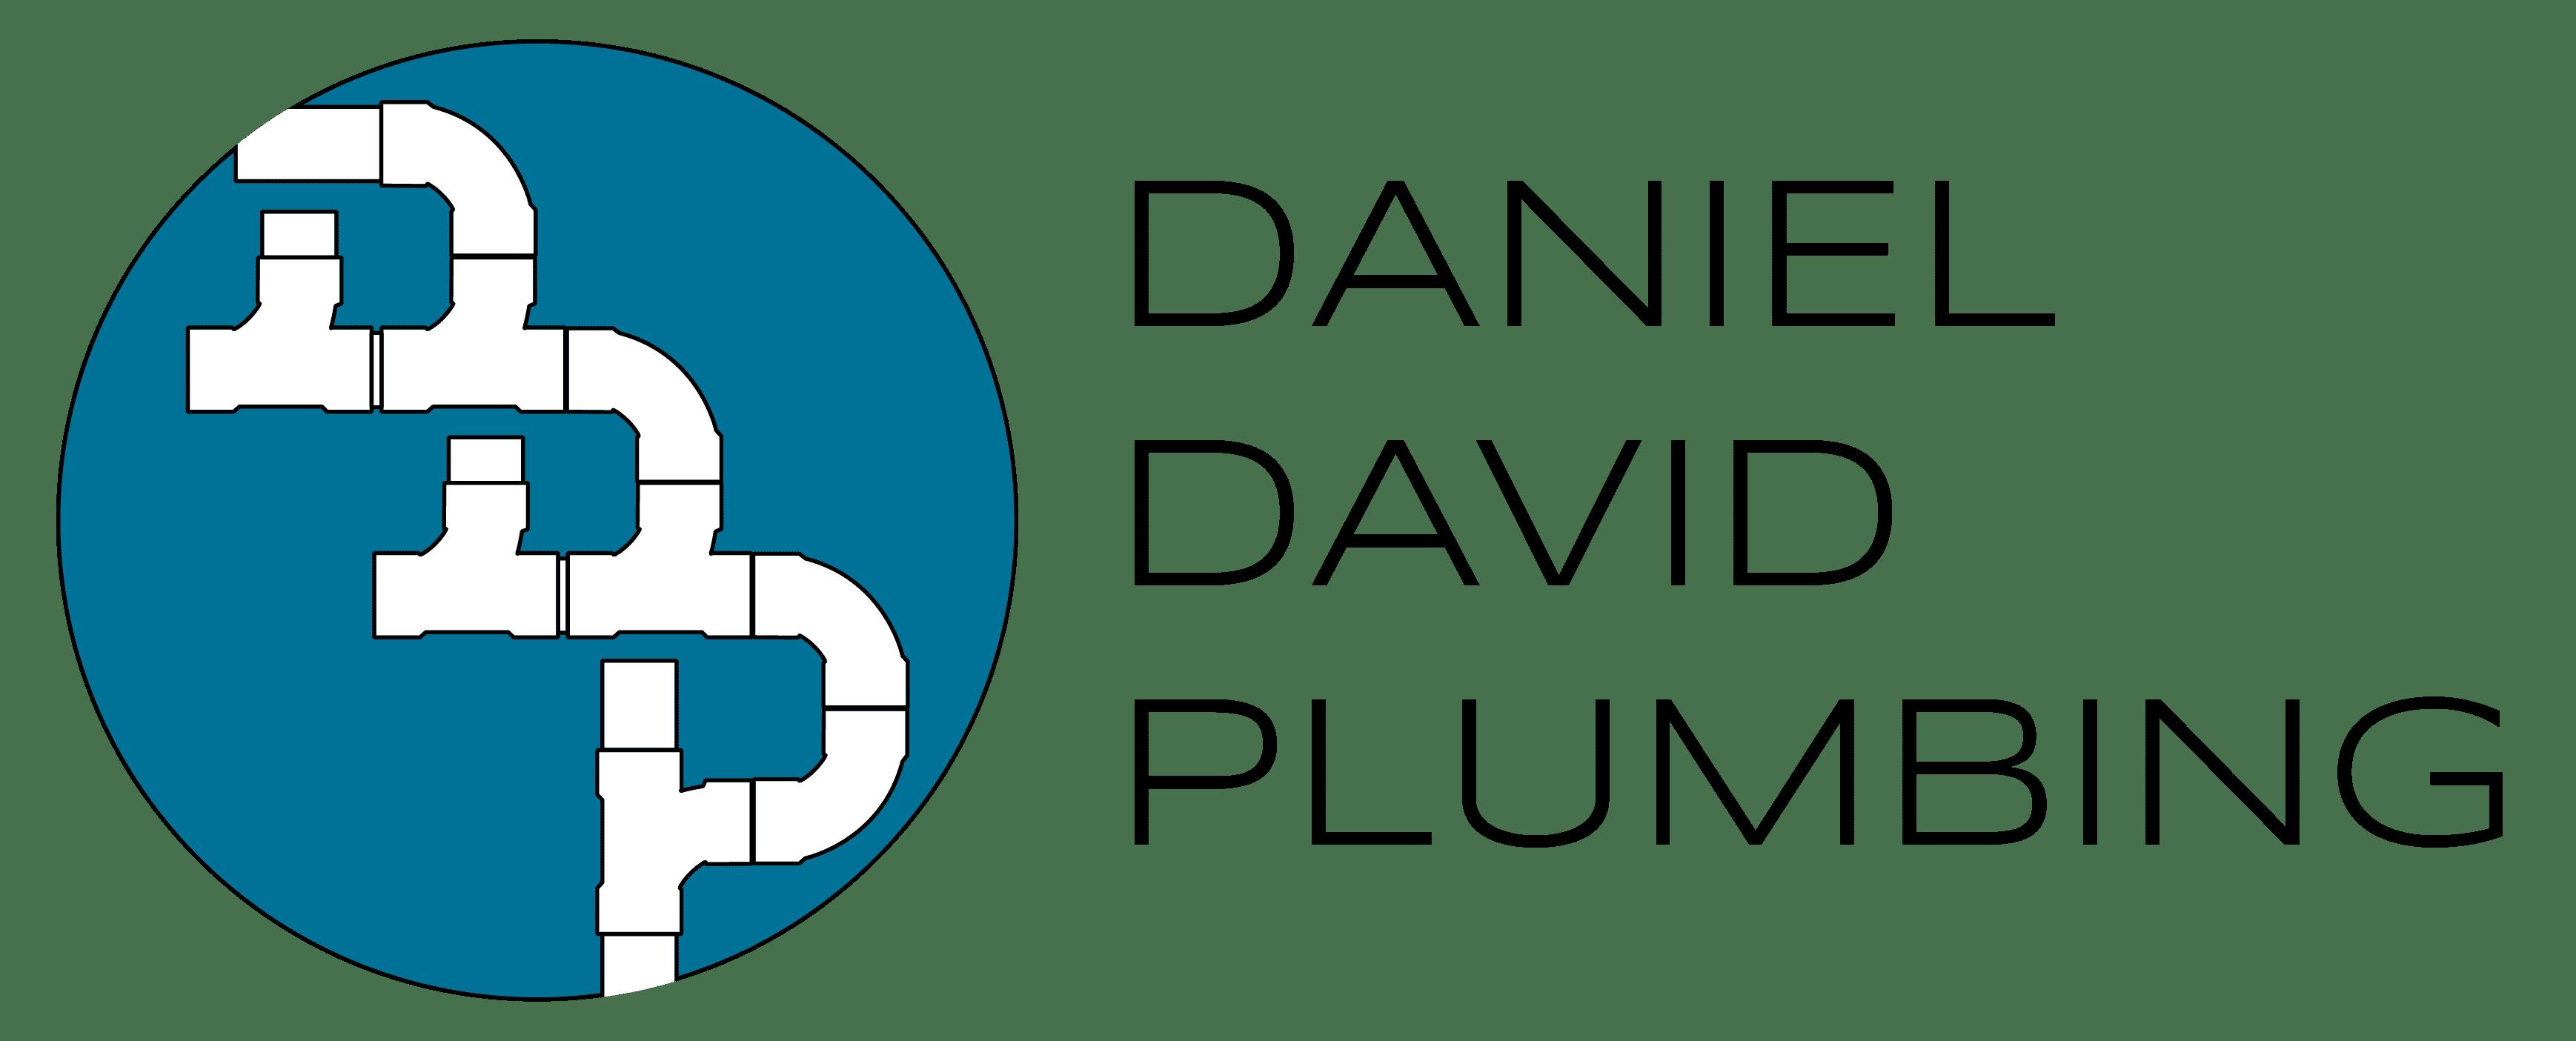 Daniel David Plumbing – Logo Design